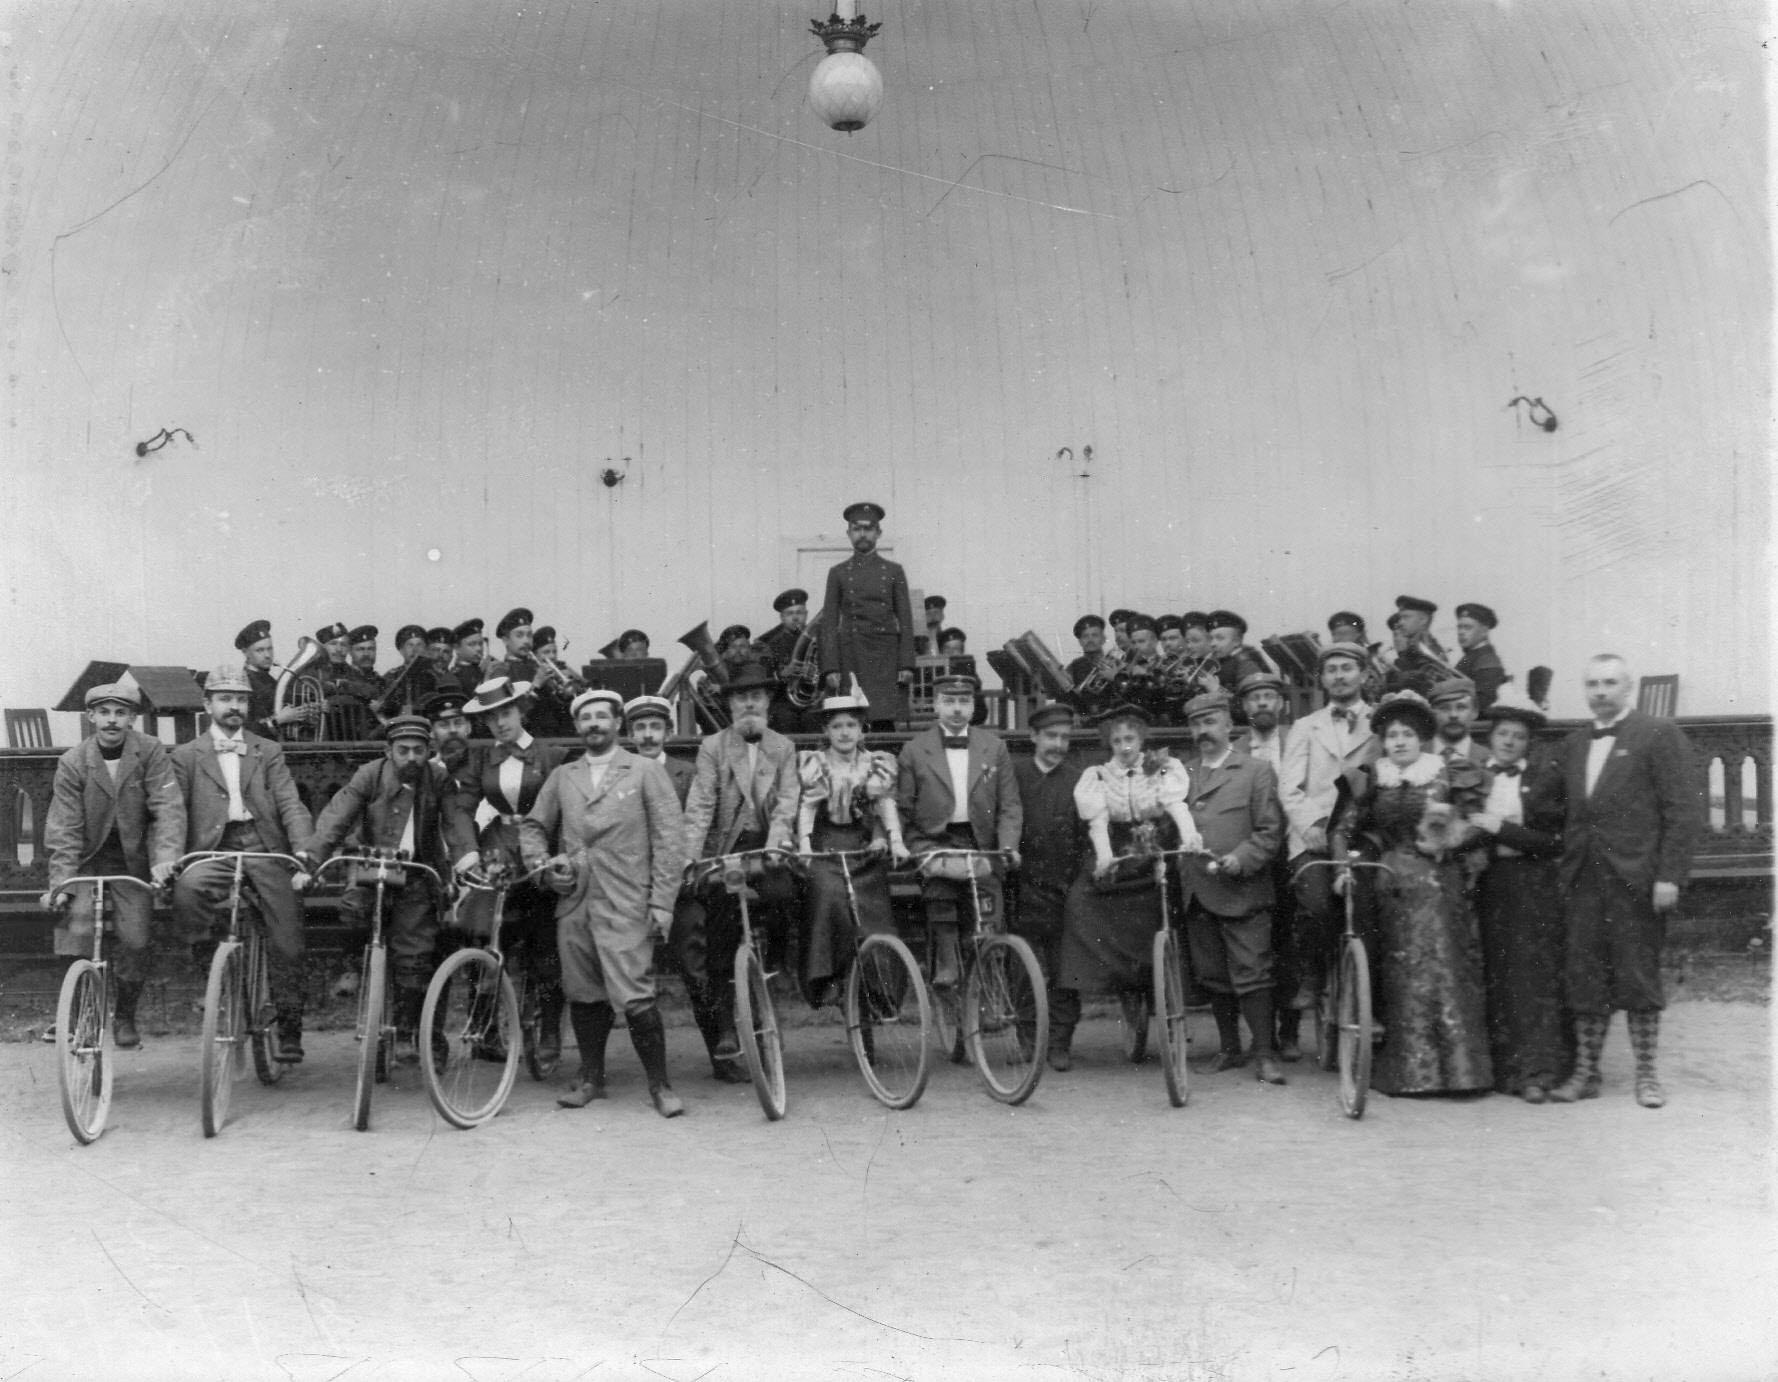 Группа членов Петербургского кружка велосипедистов-любителей, участников поездки в Озерки у открытой эстрады